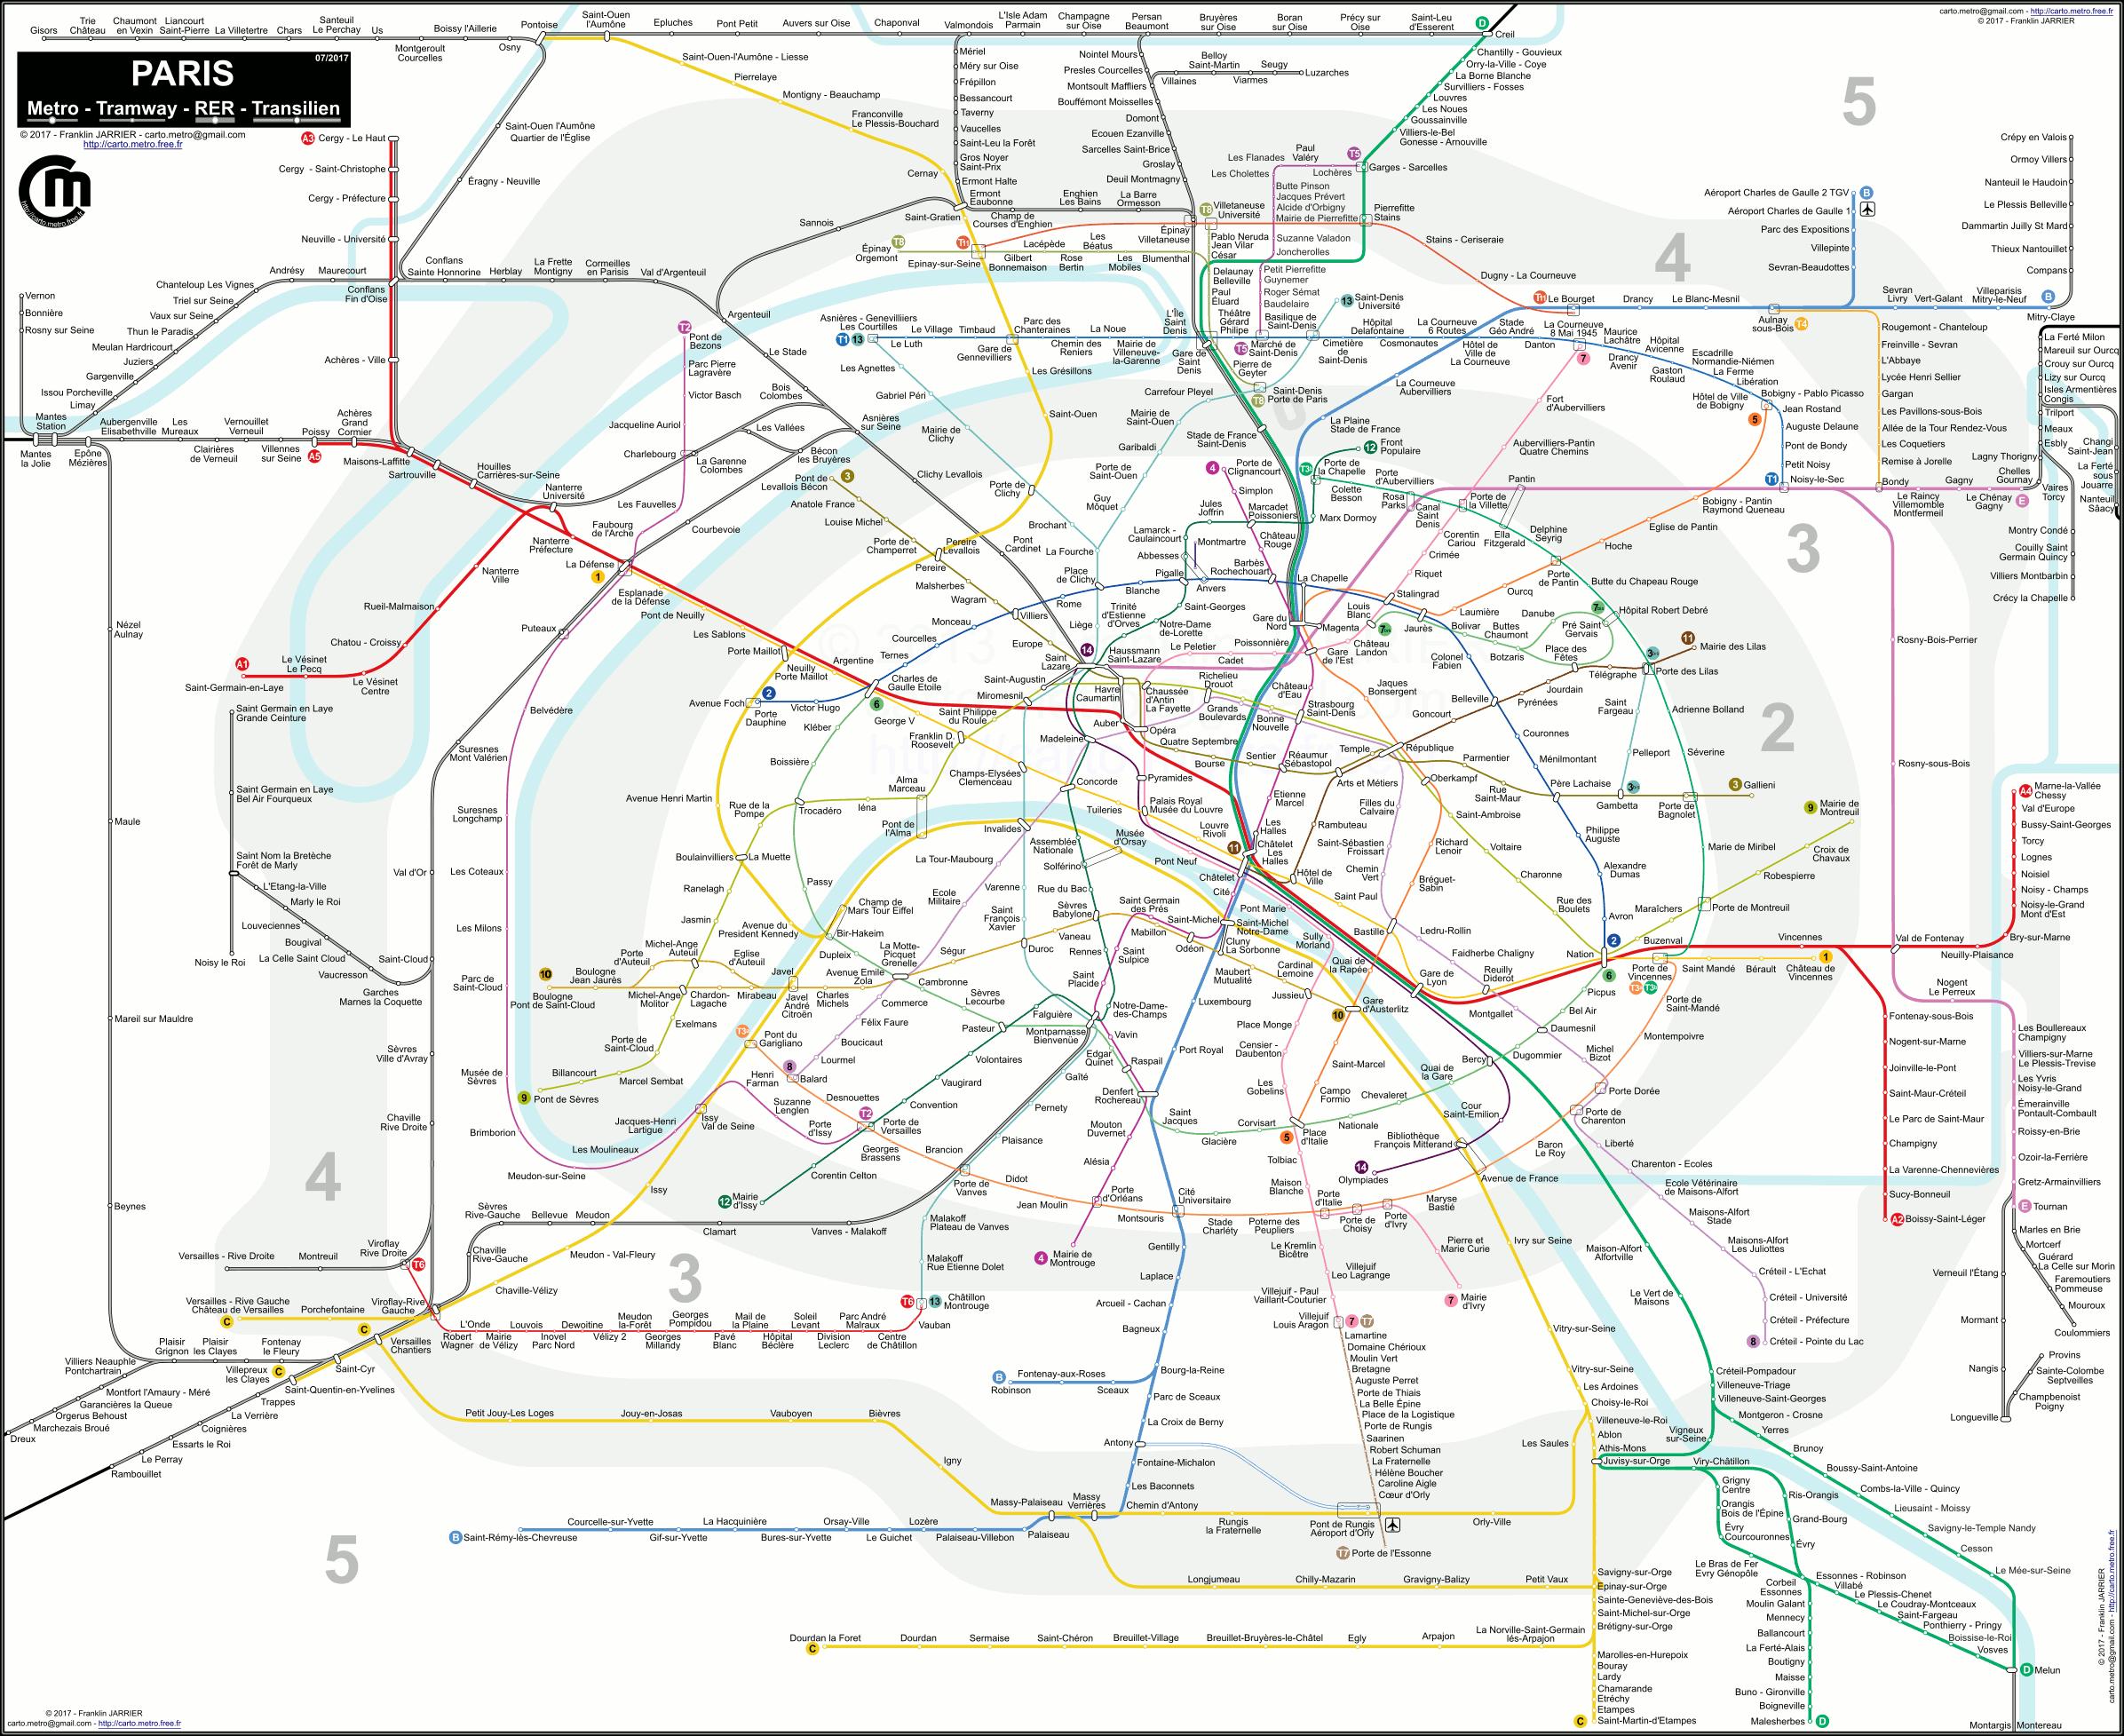 Plan du voyageur Metro/Tram/RER